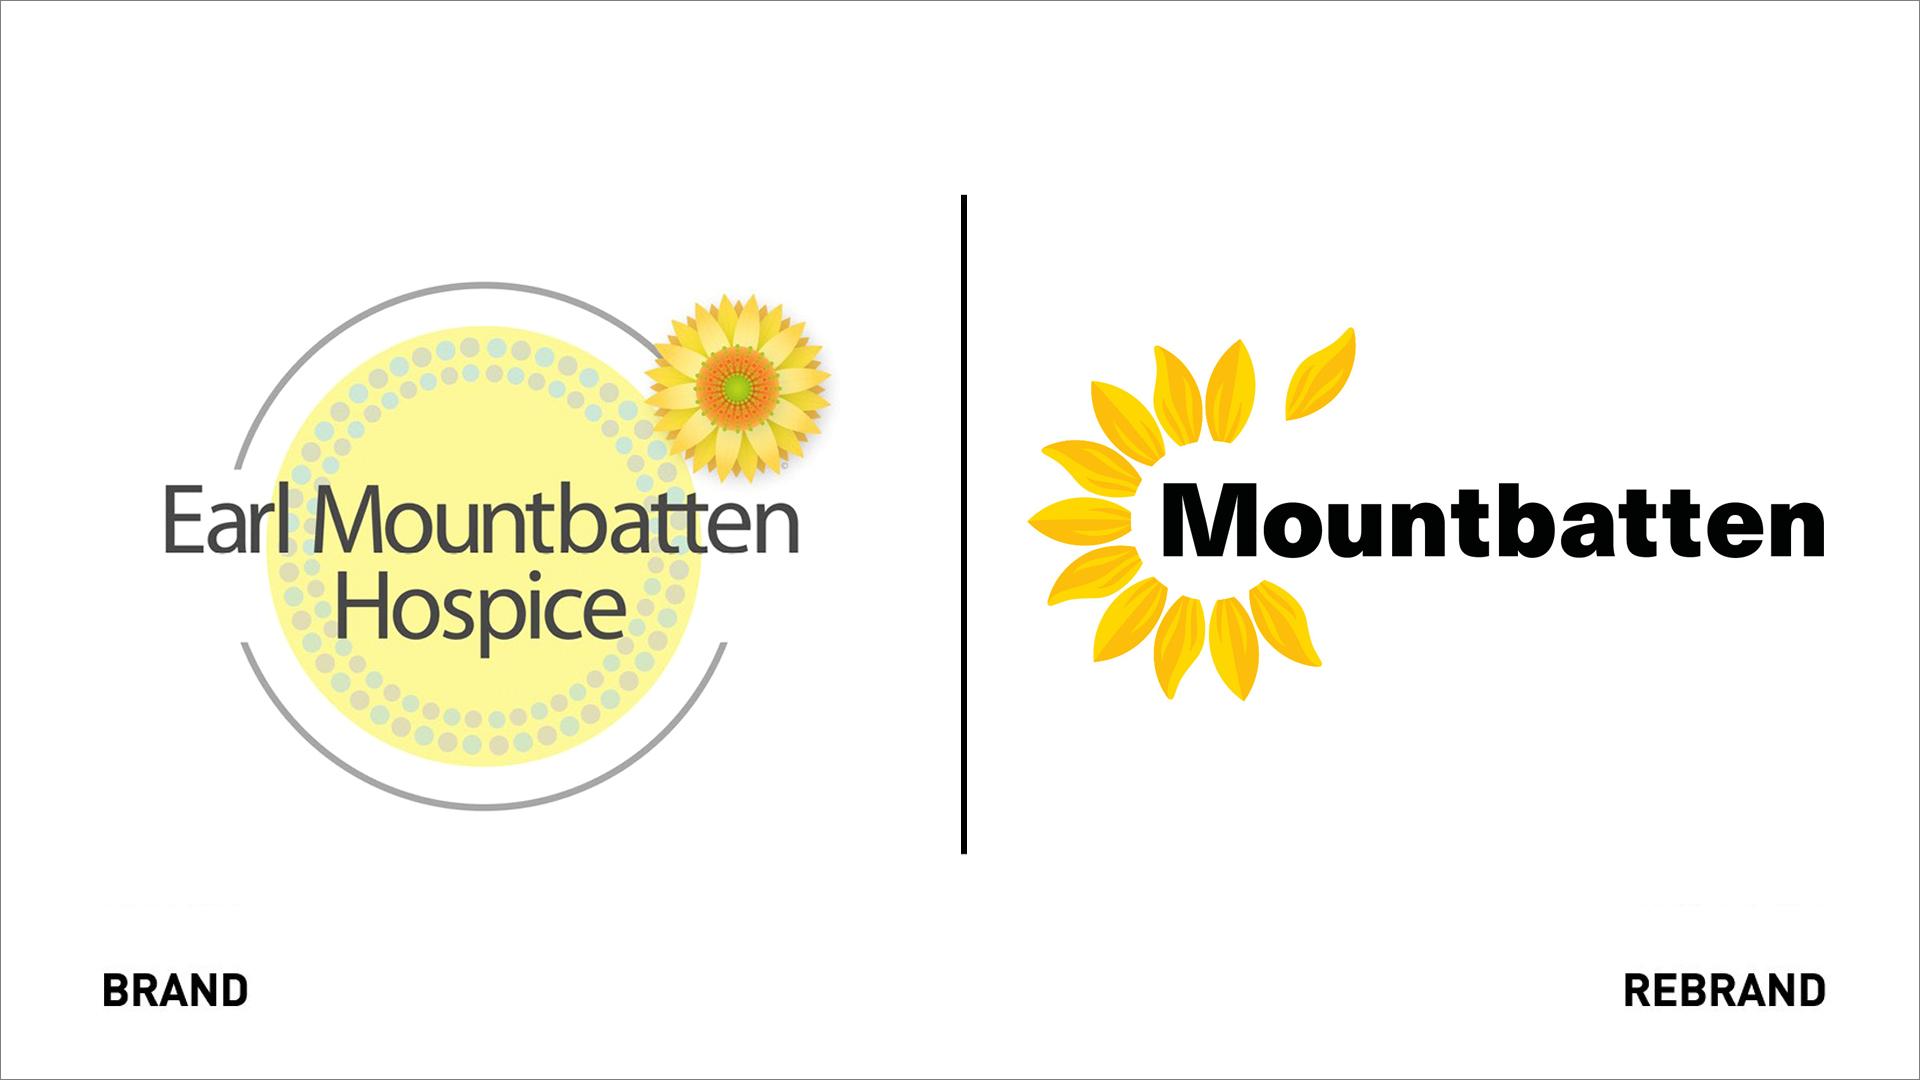 TF-Mountbatten-Rebrand-1px